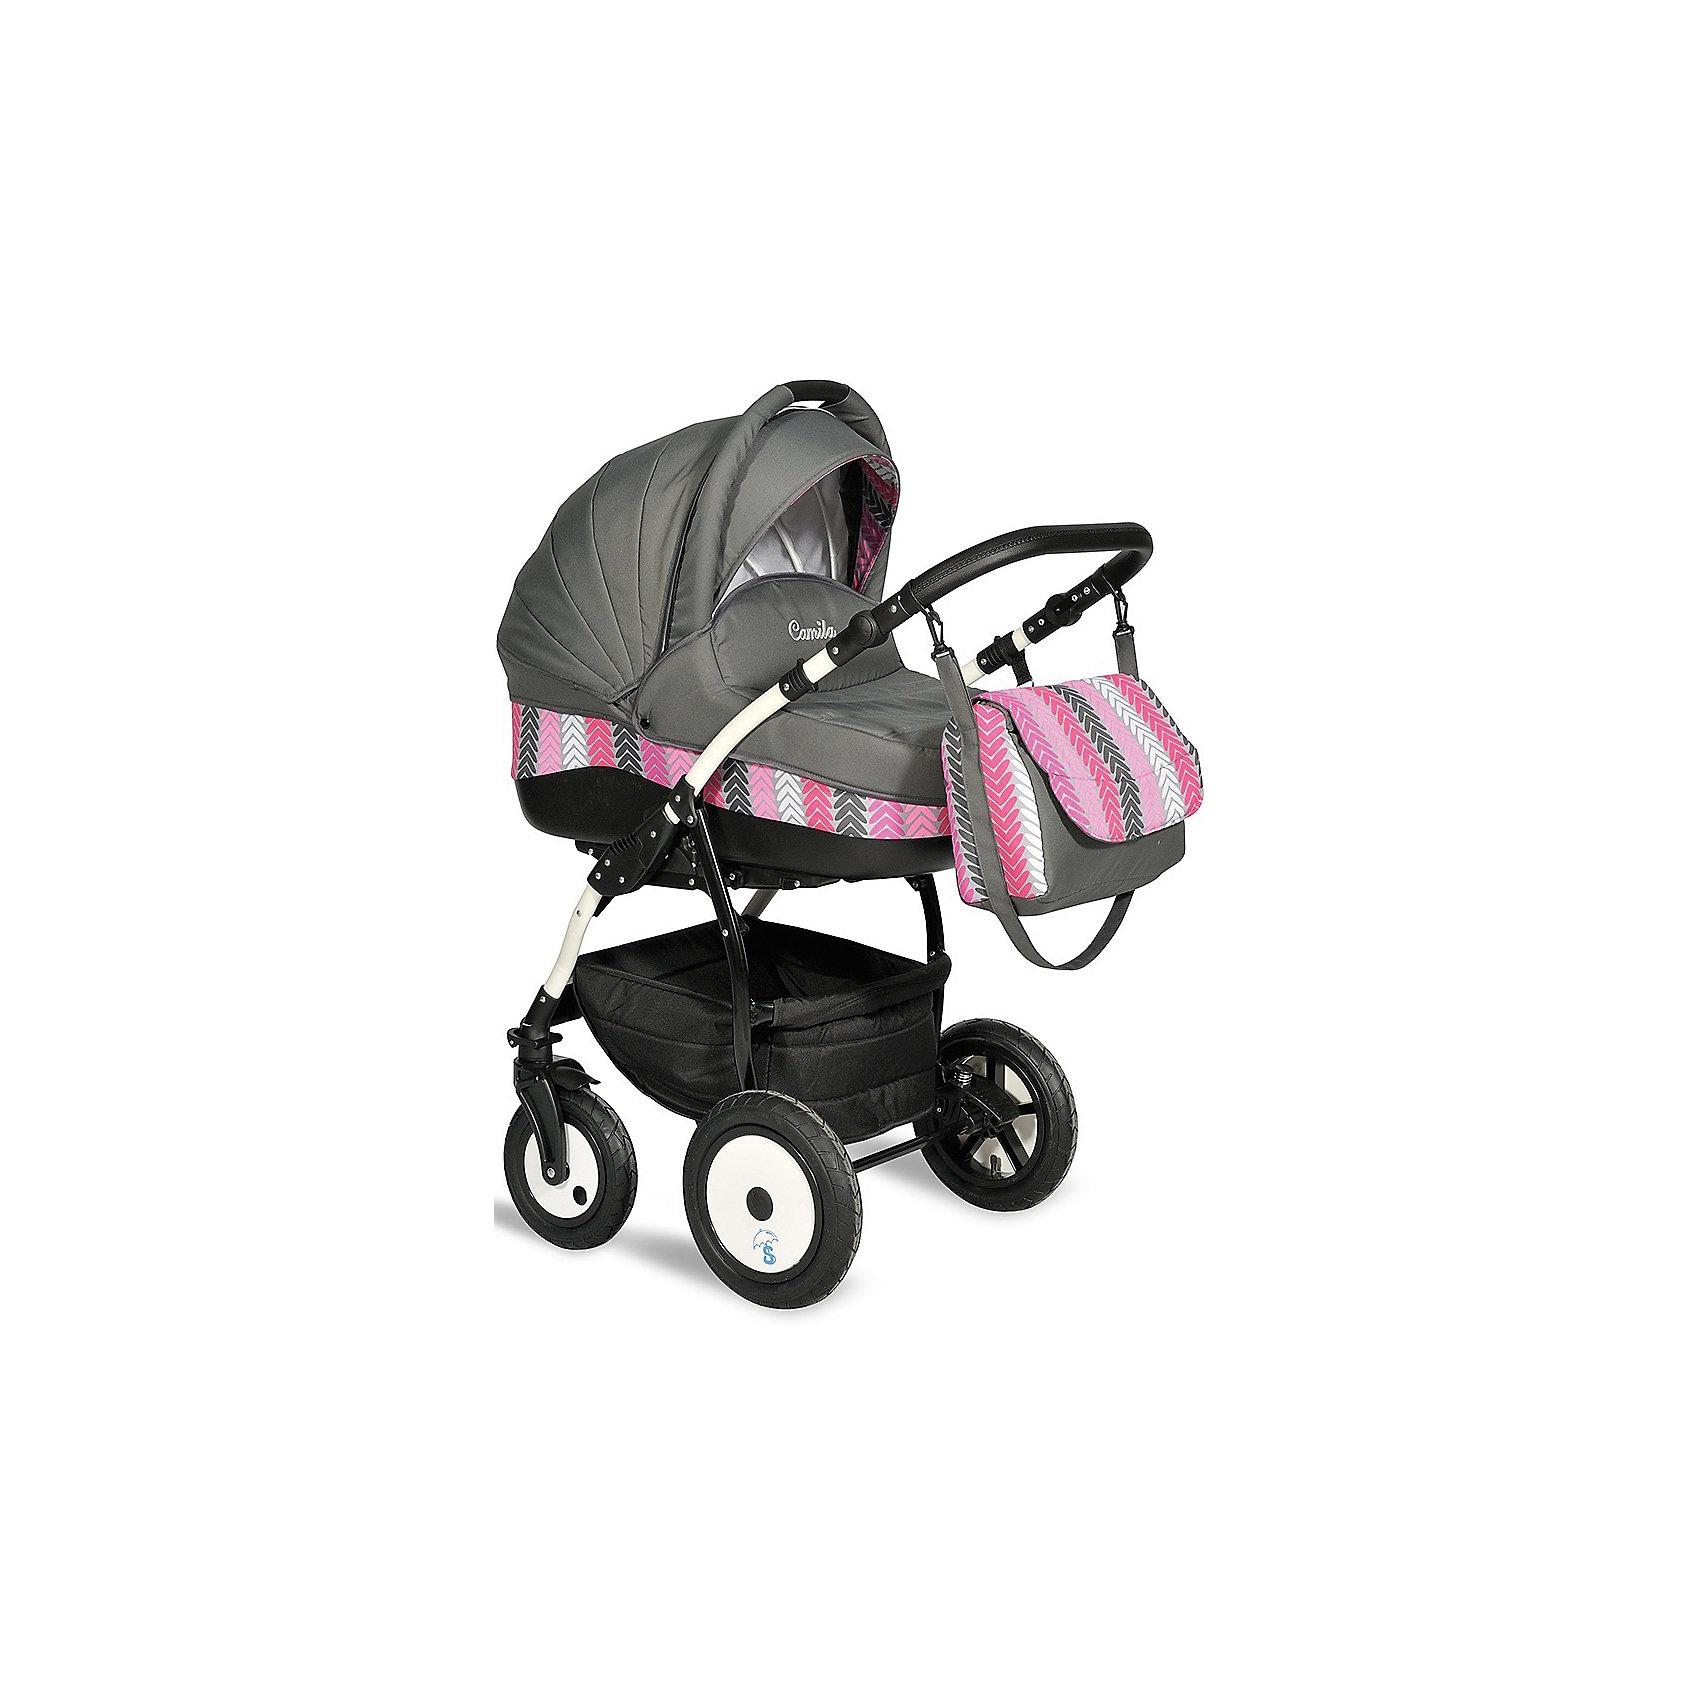 INDIGO Коляска 2 в 1 Camila, Indigo, графитовый универсальная коляска indigo s 2 в 1 кожа 17 white grey